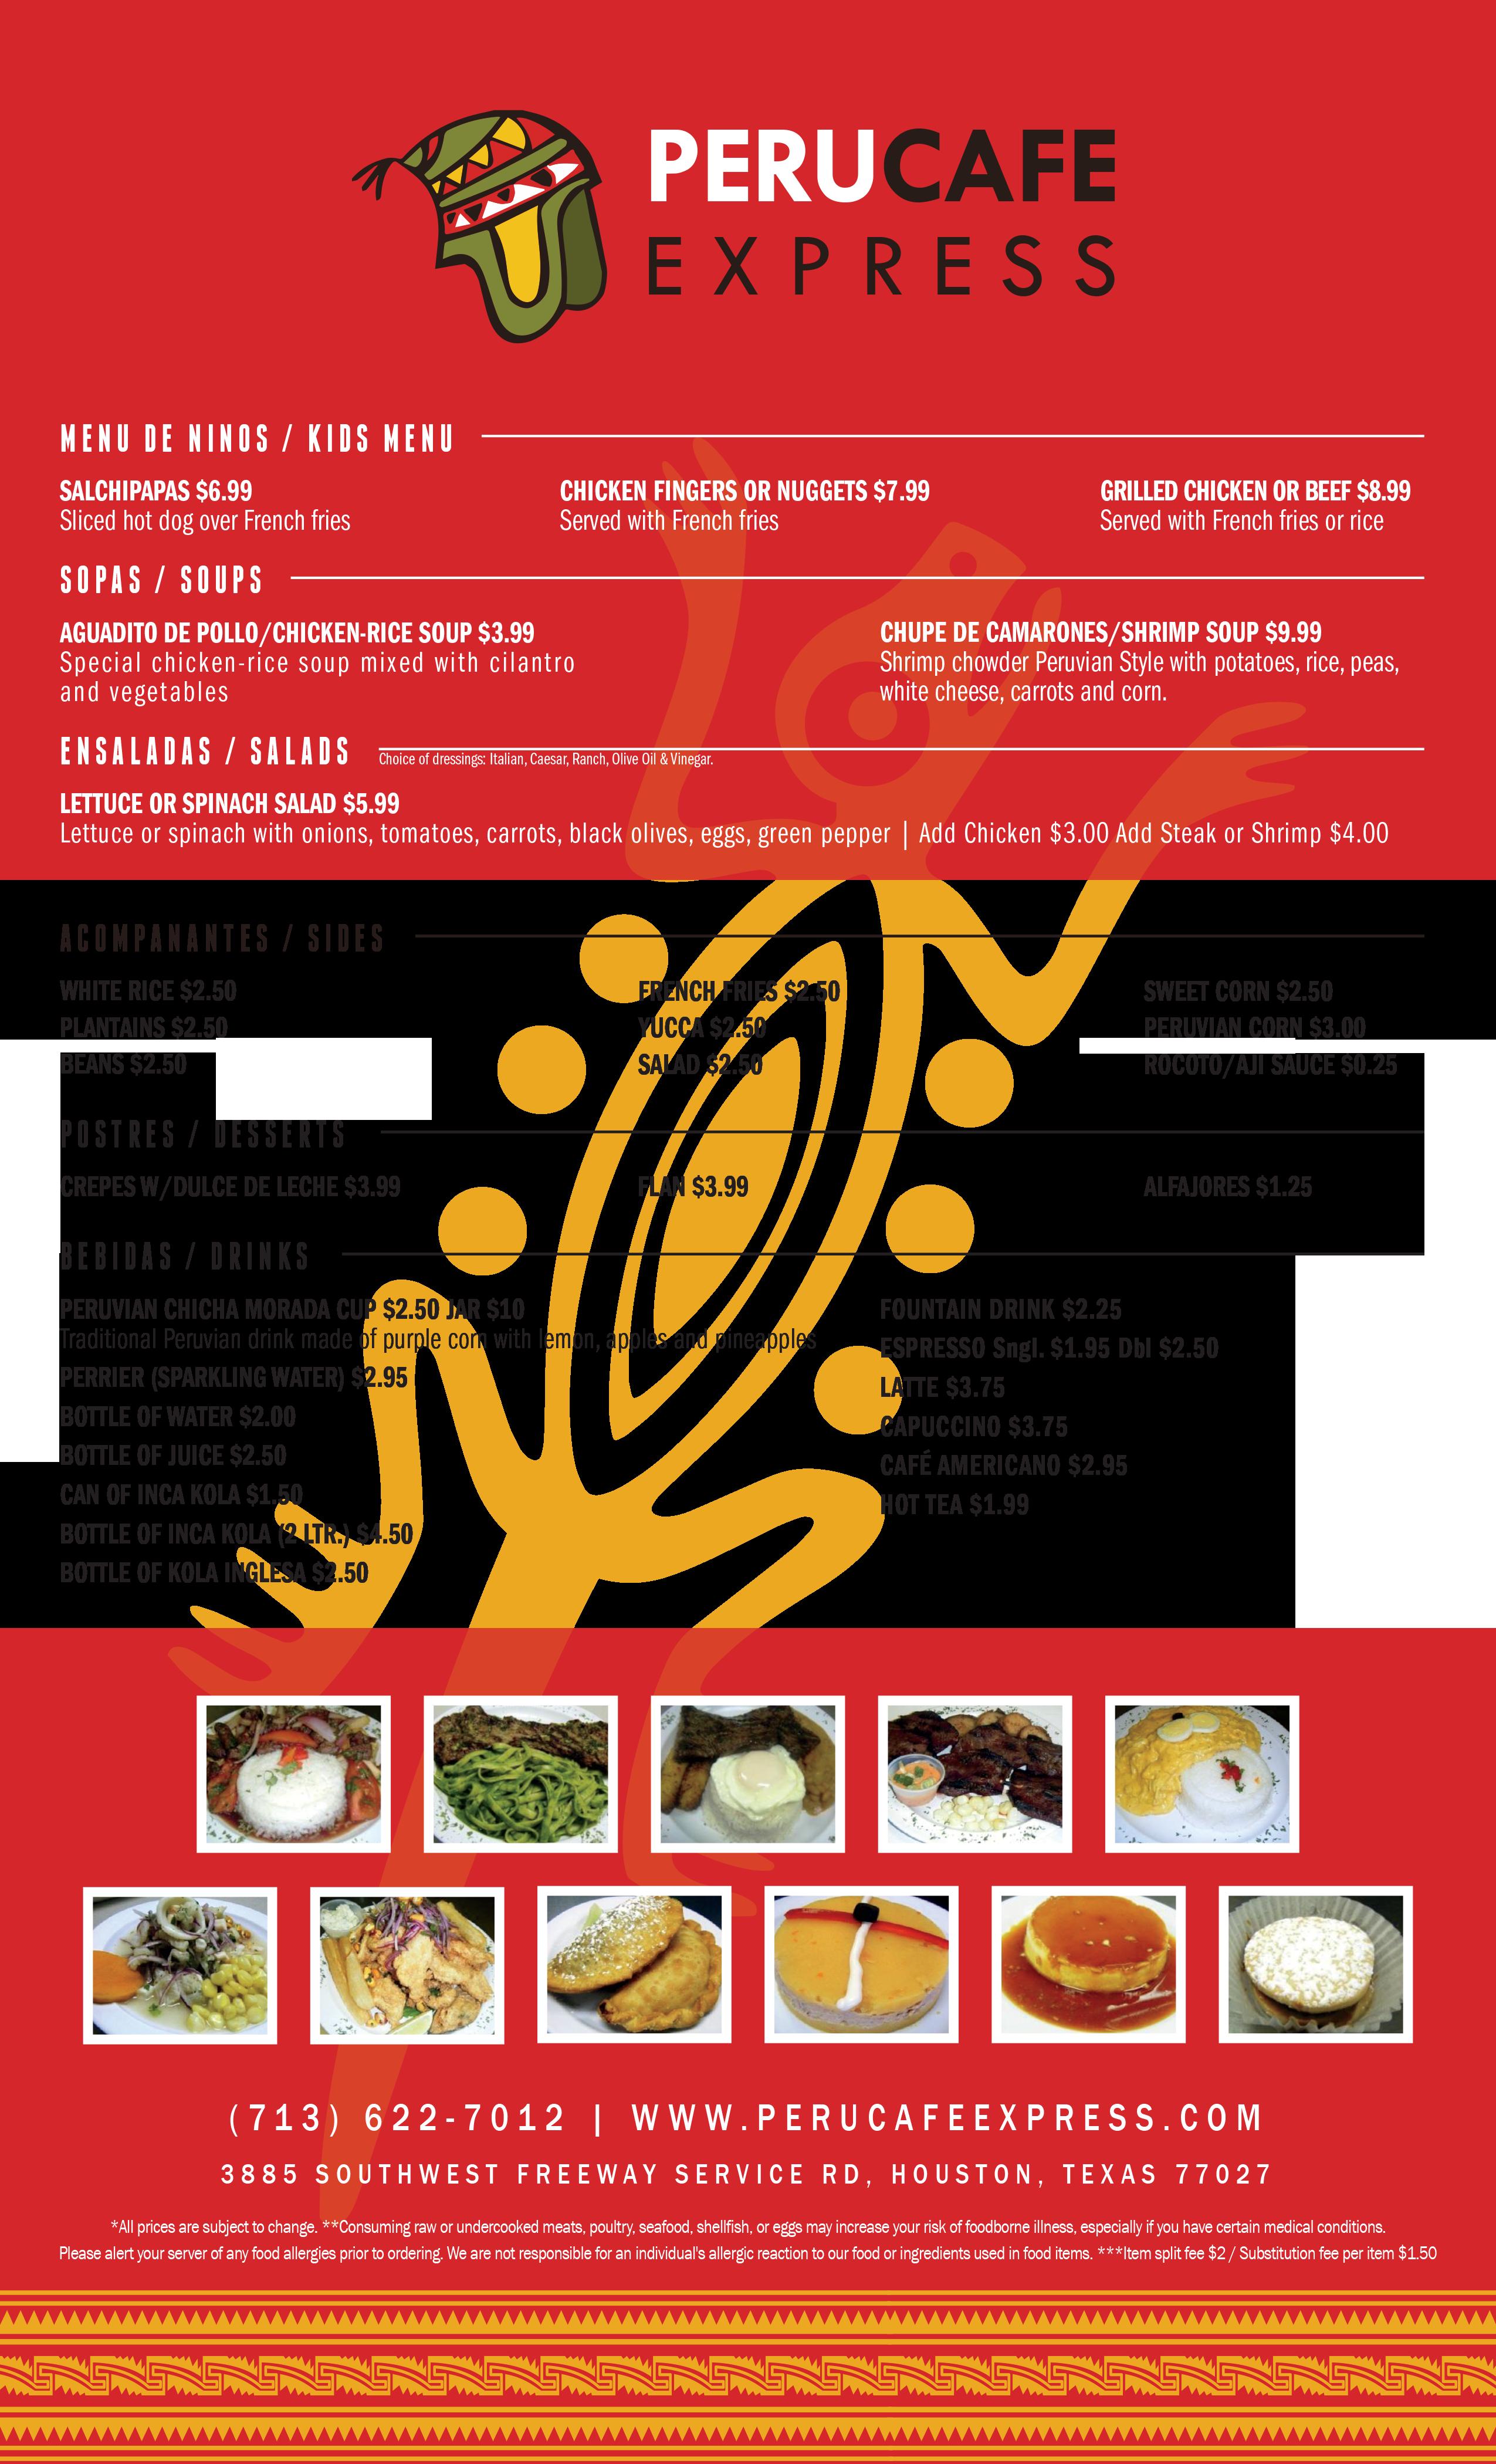 2peru_cafe-menu-2